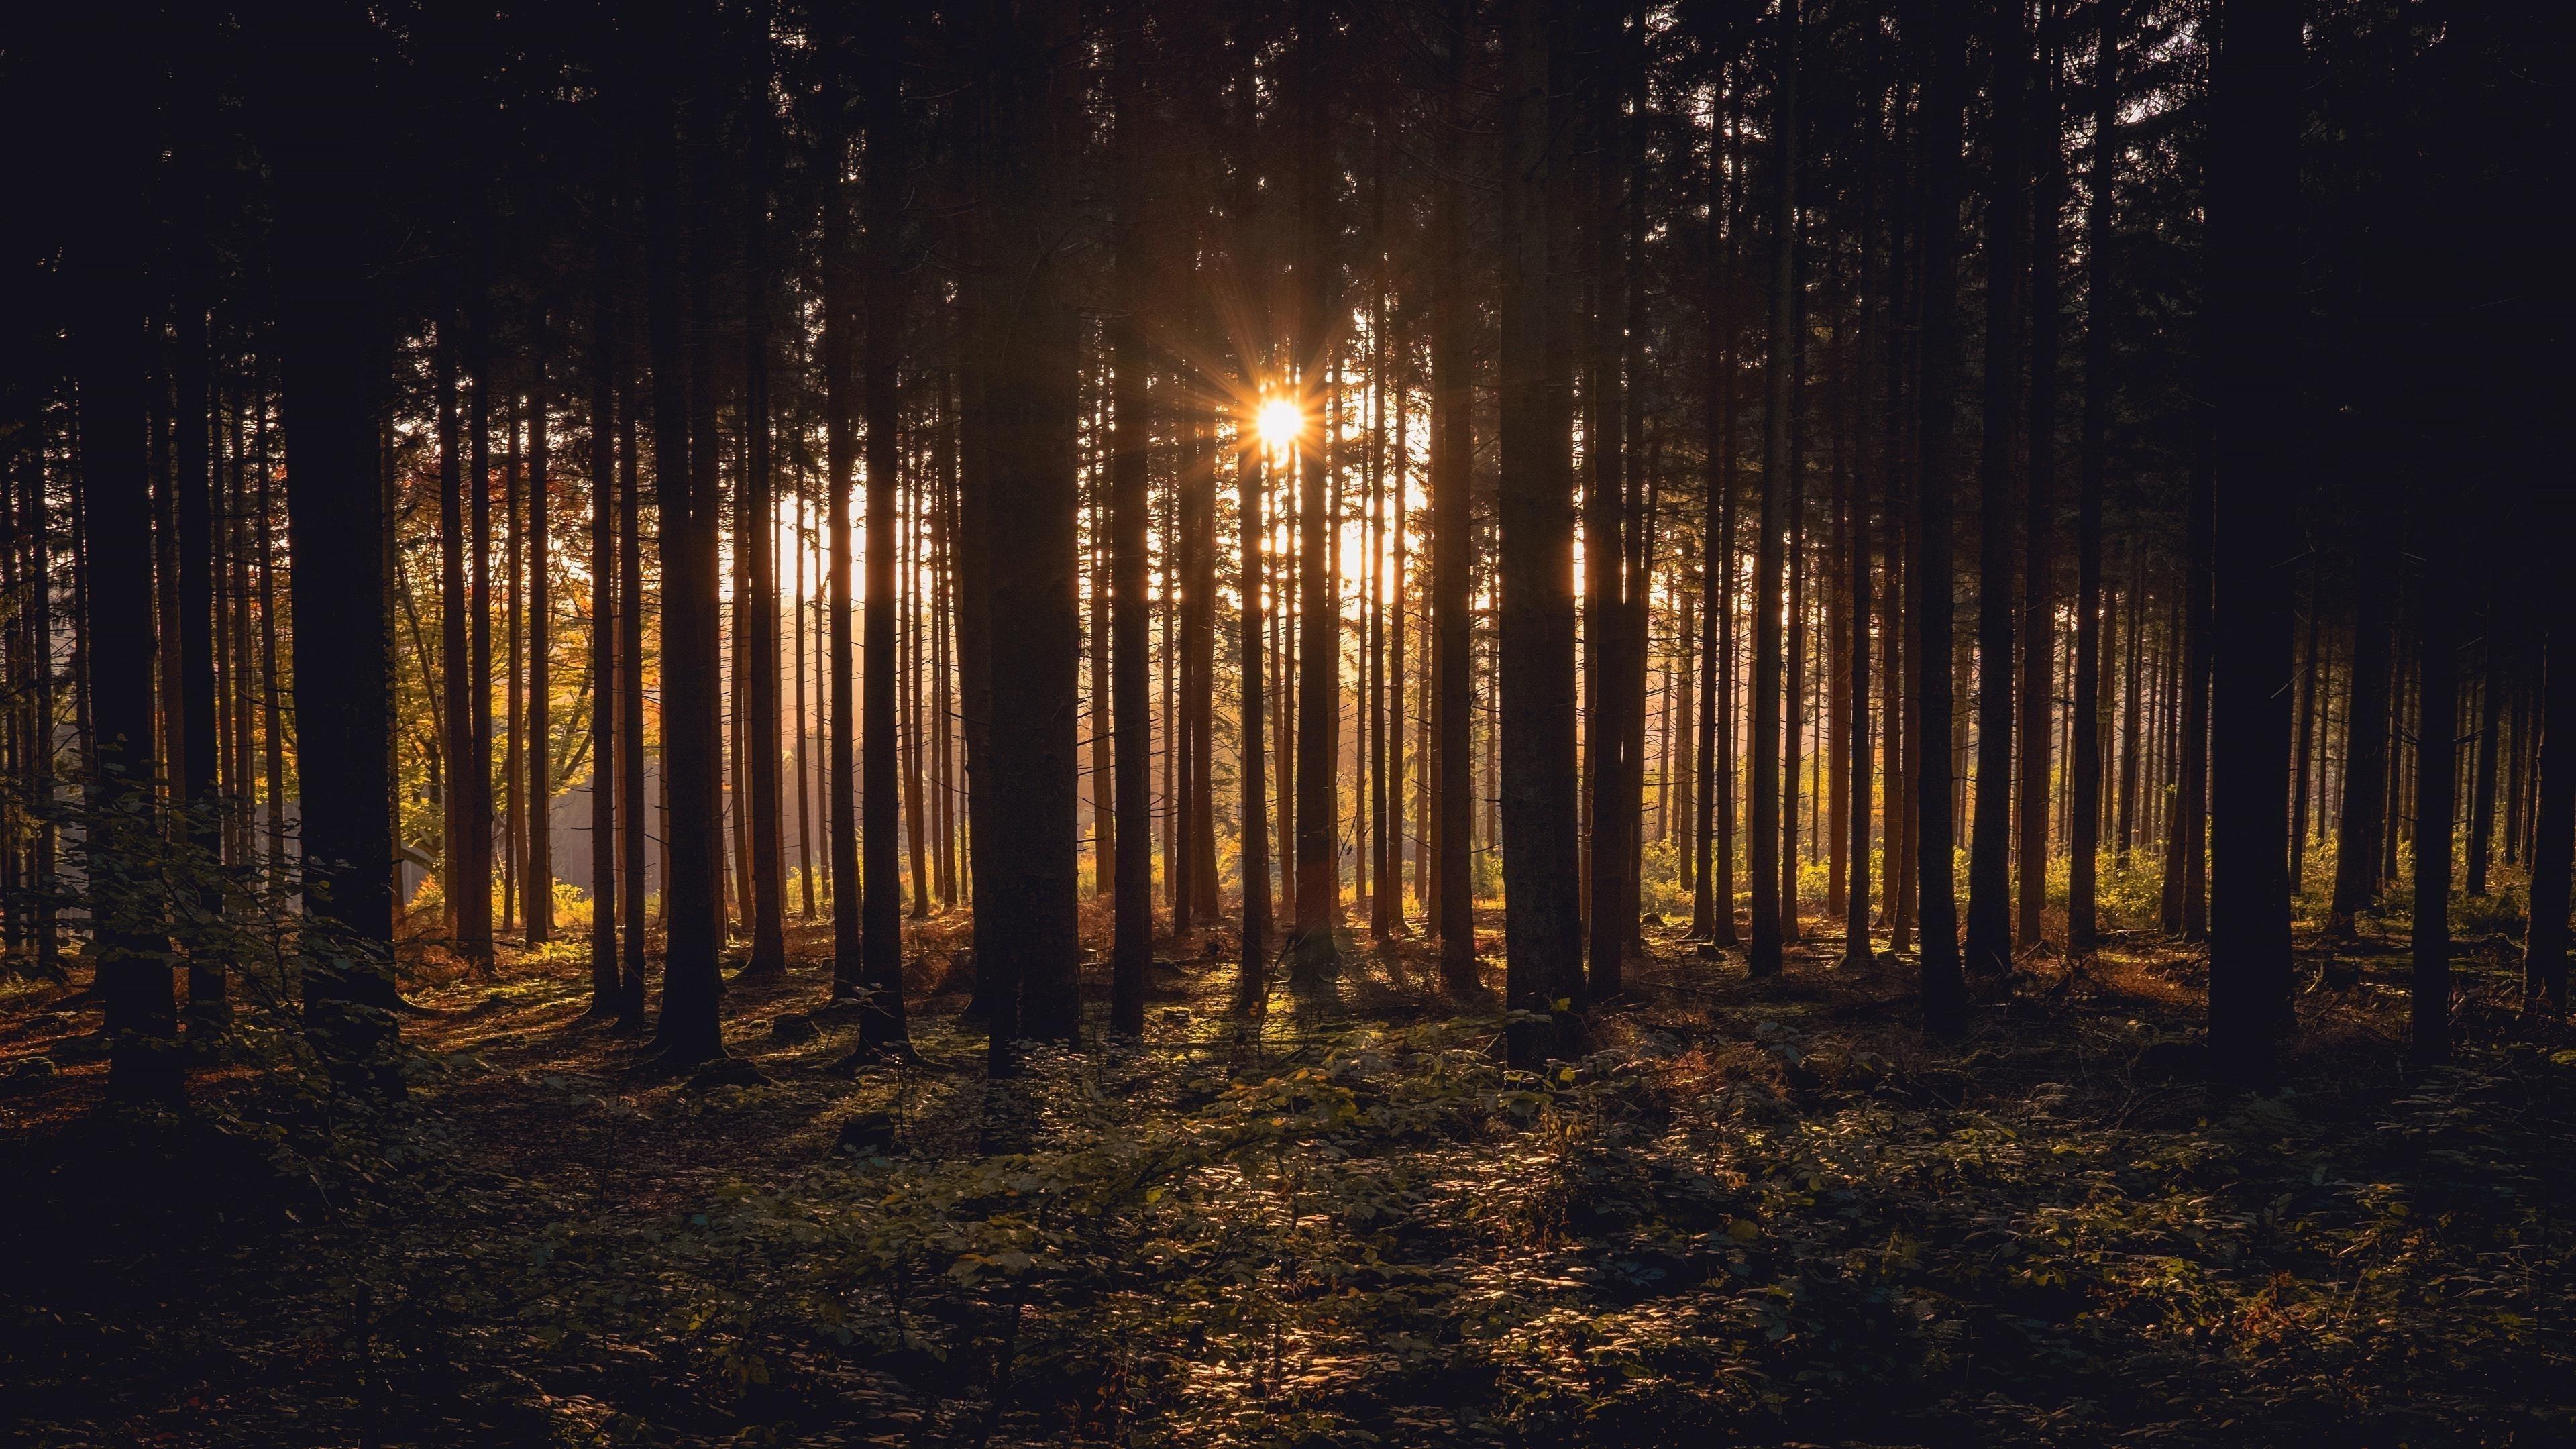 Солнечный свет, проходящий через темные деревья в лесу во время заката солнца природа обои скачать